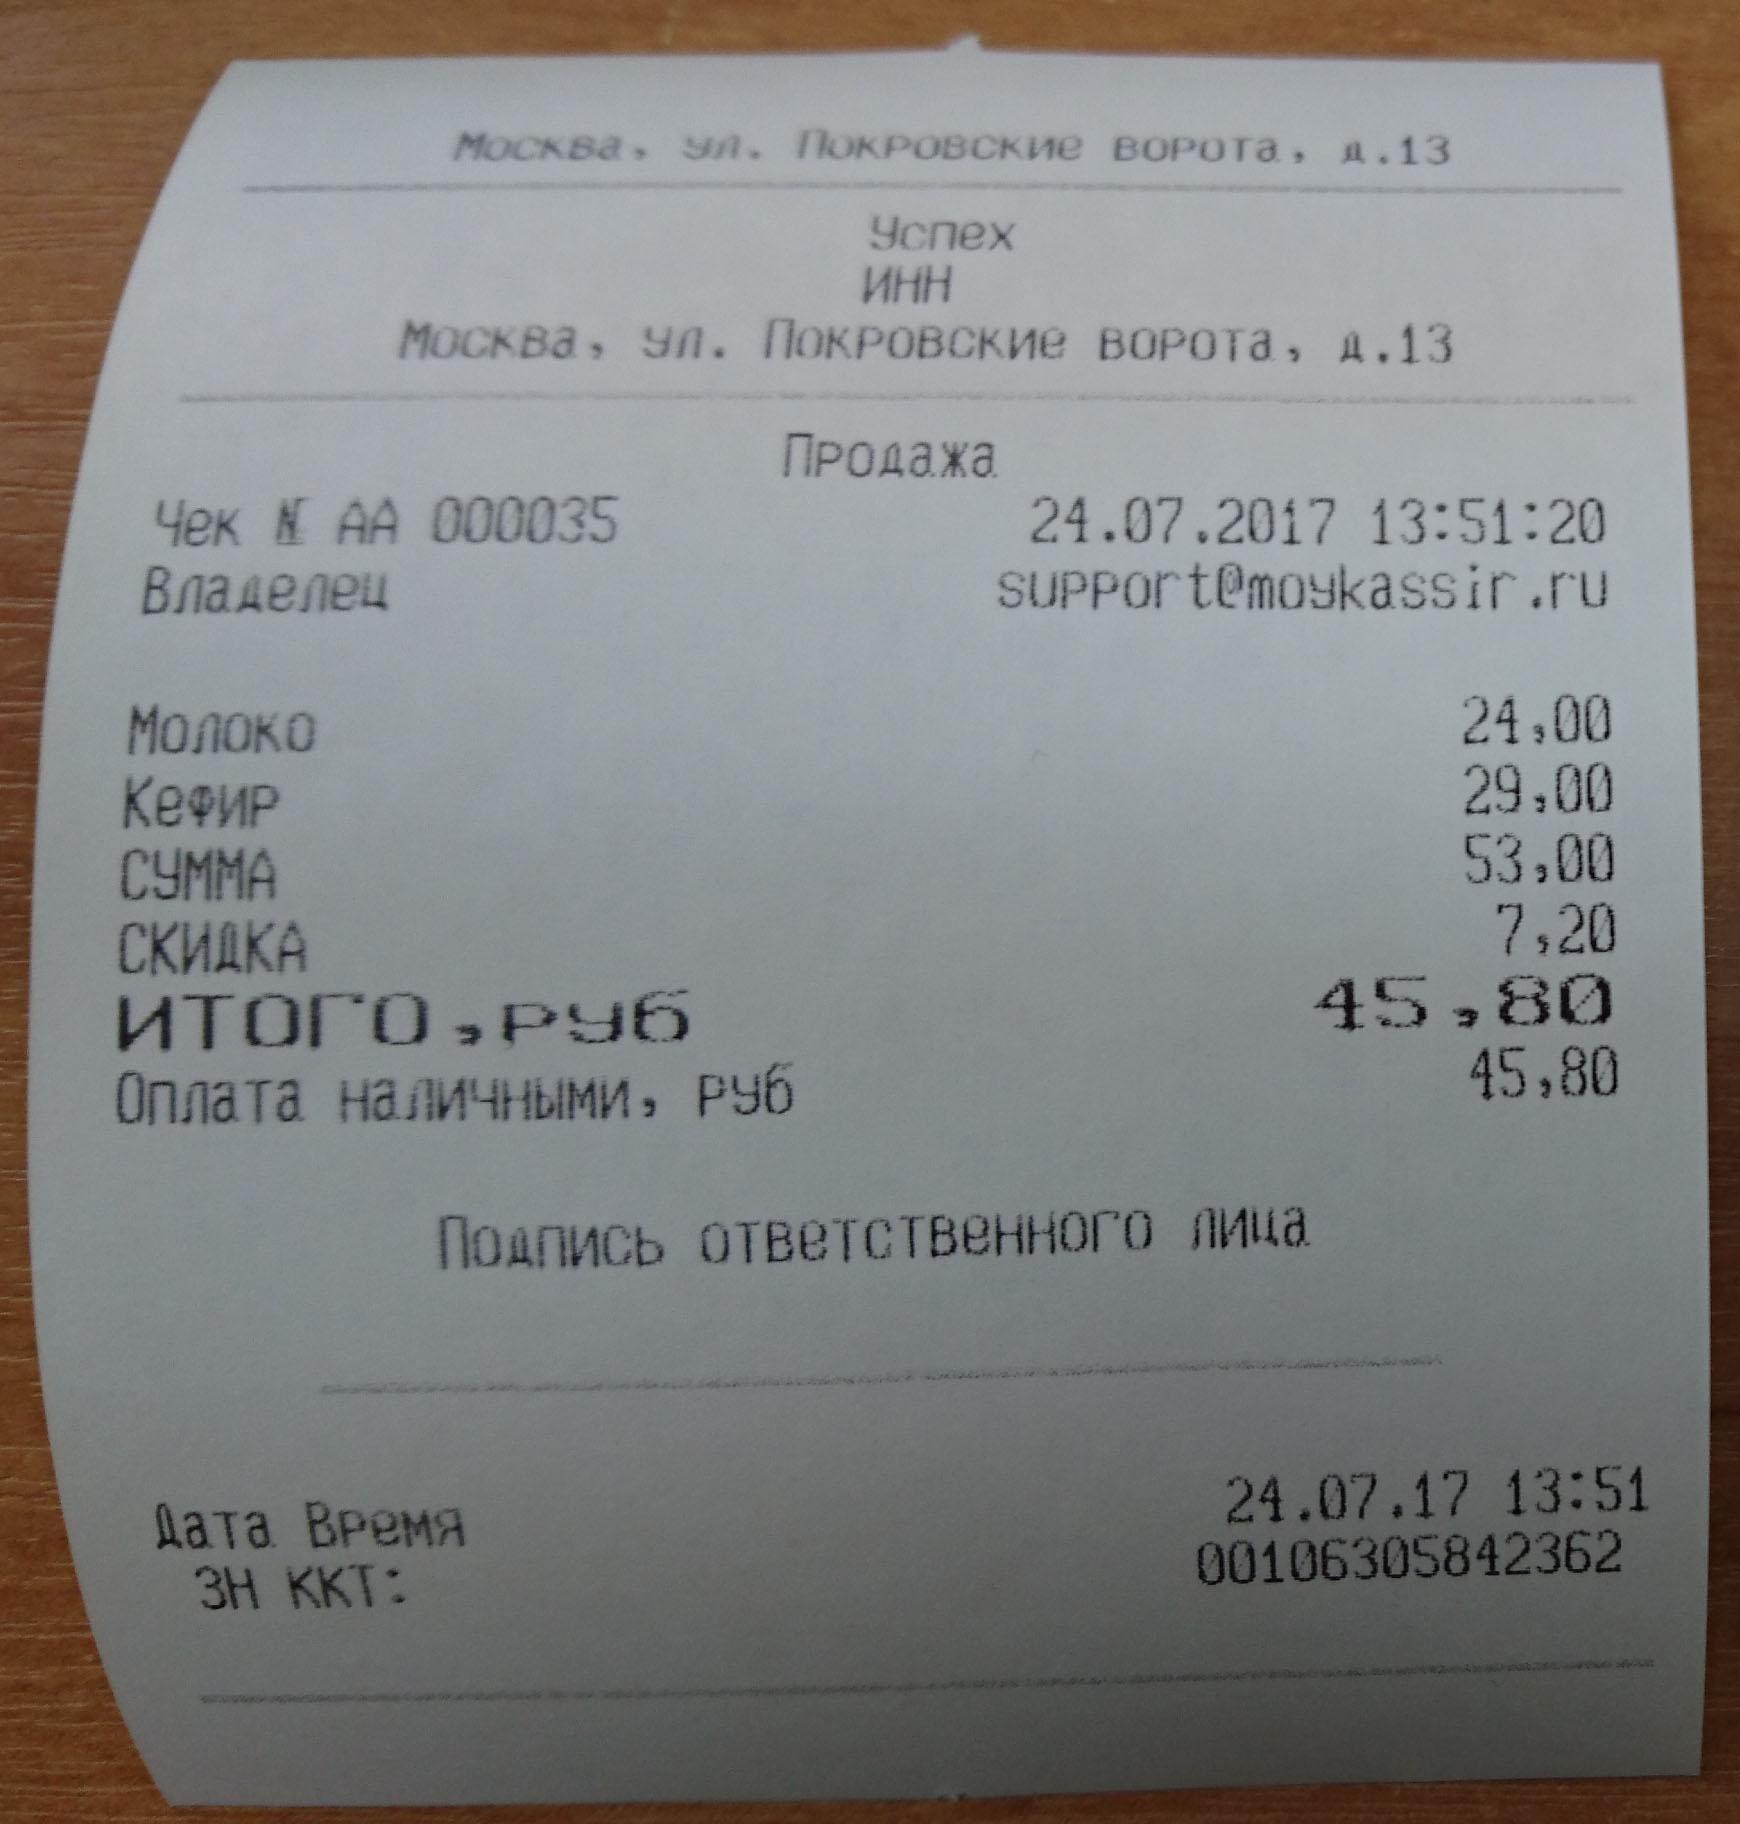 5d50aa06c5c7644164c993235e10e40f.jpg